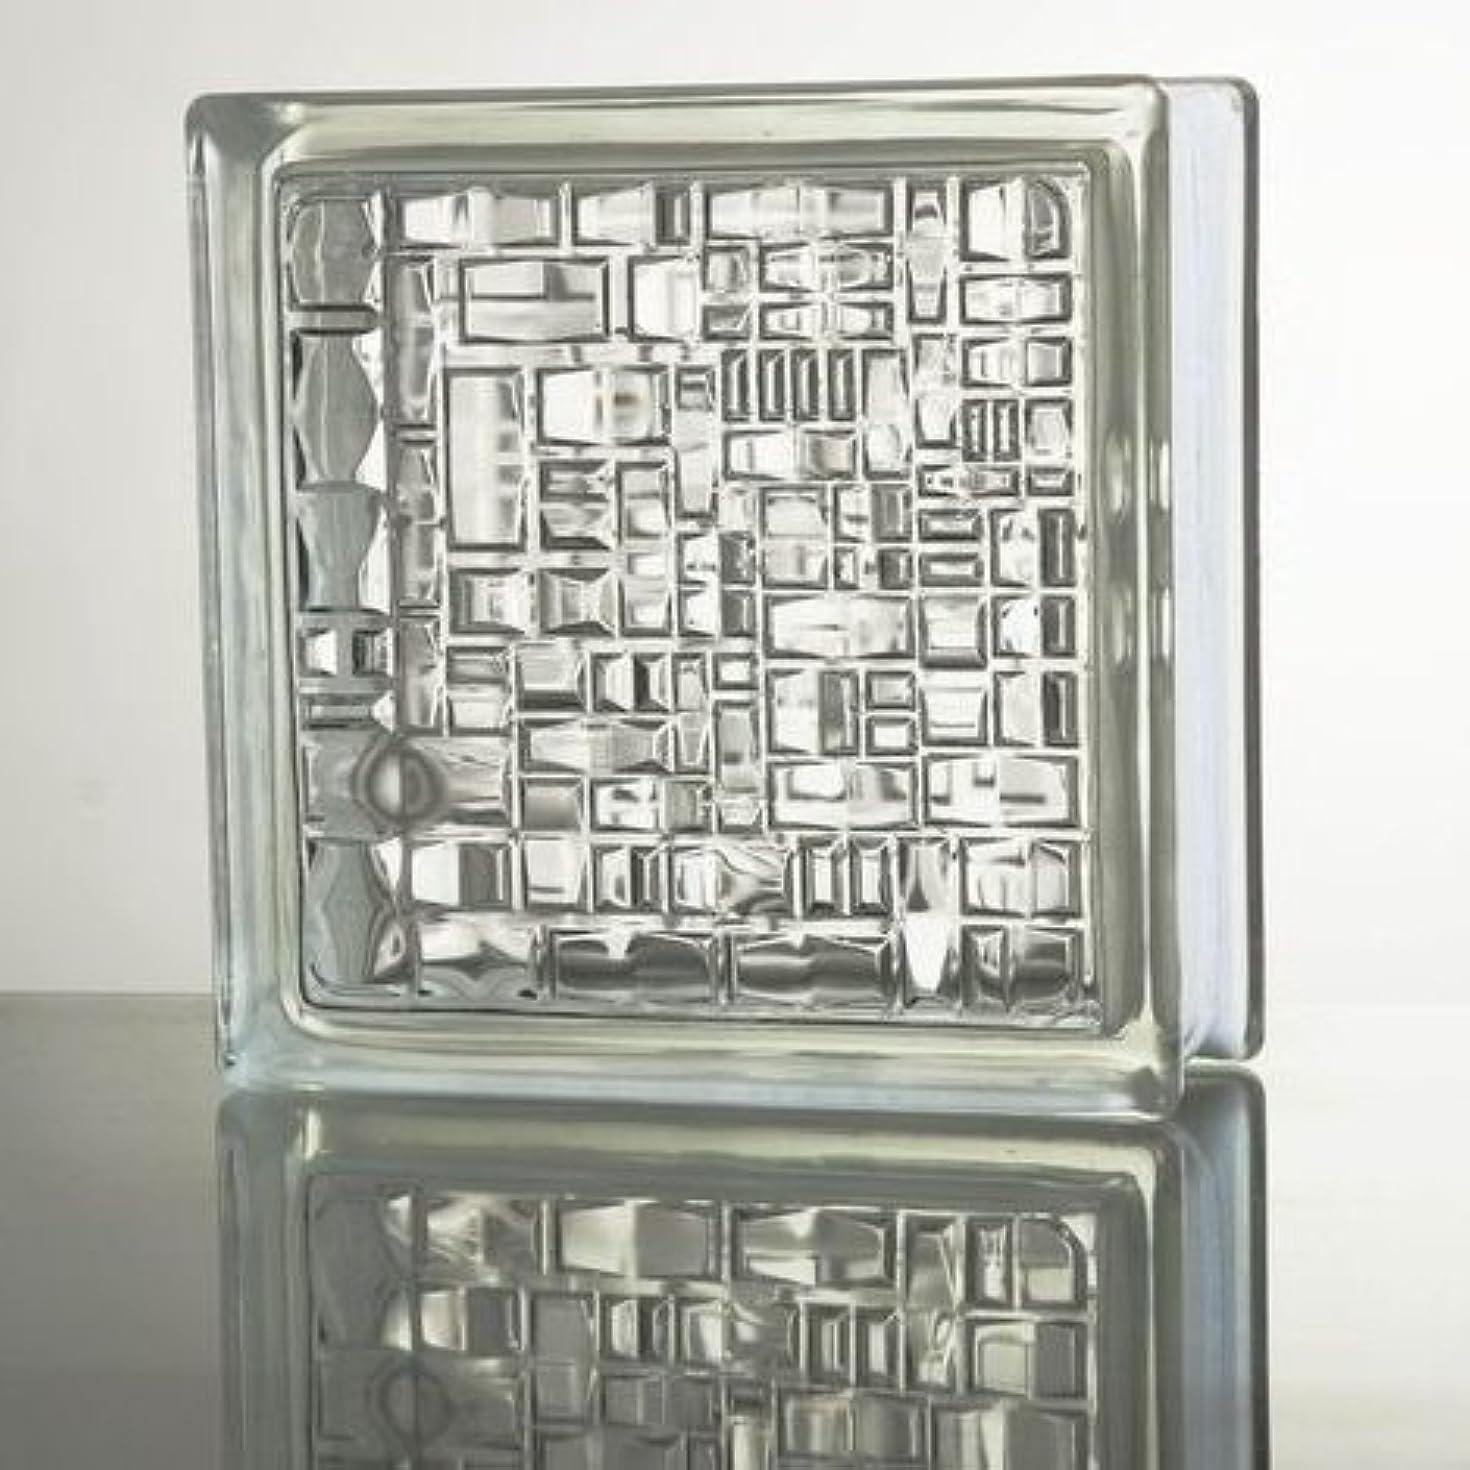 水を飲む正当な圧力ガラスブロック (厚み80mm クリア色モザイク) gb1780